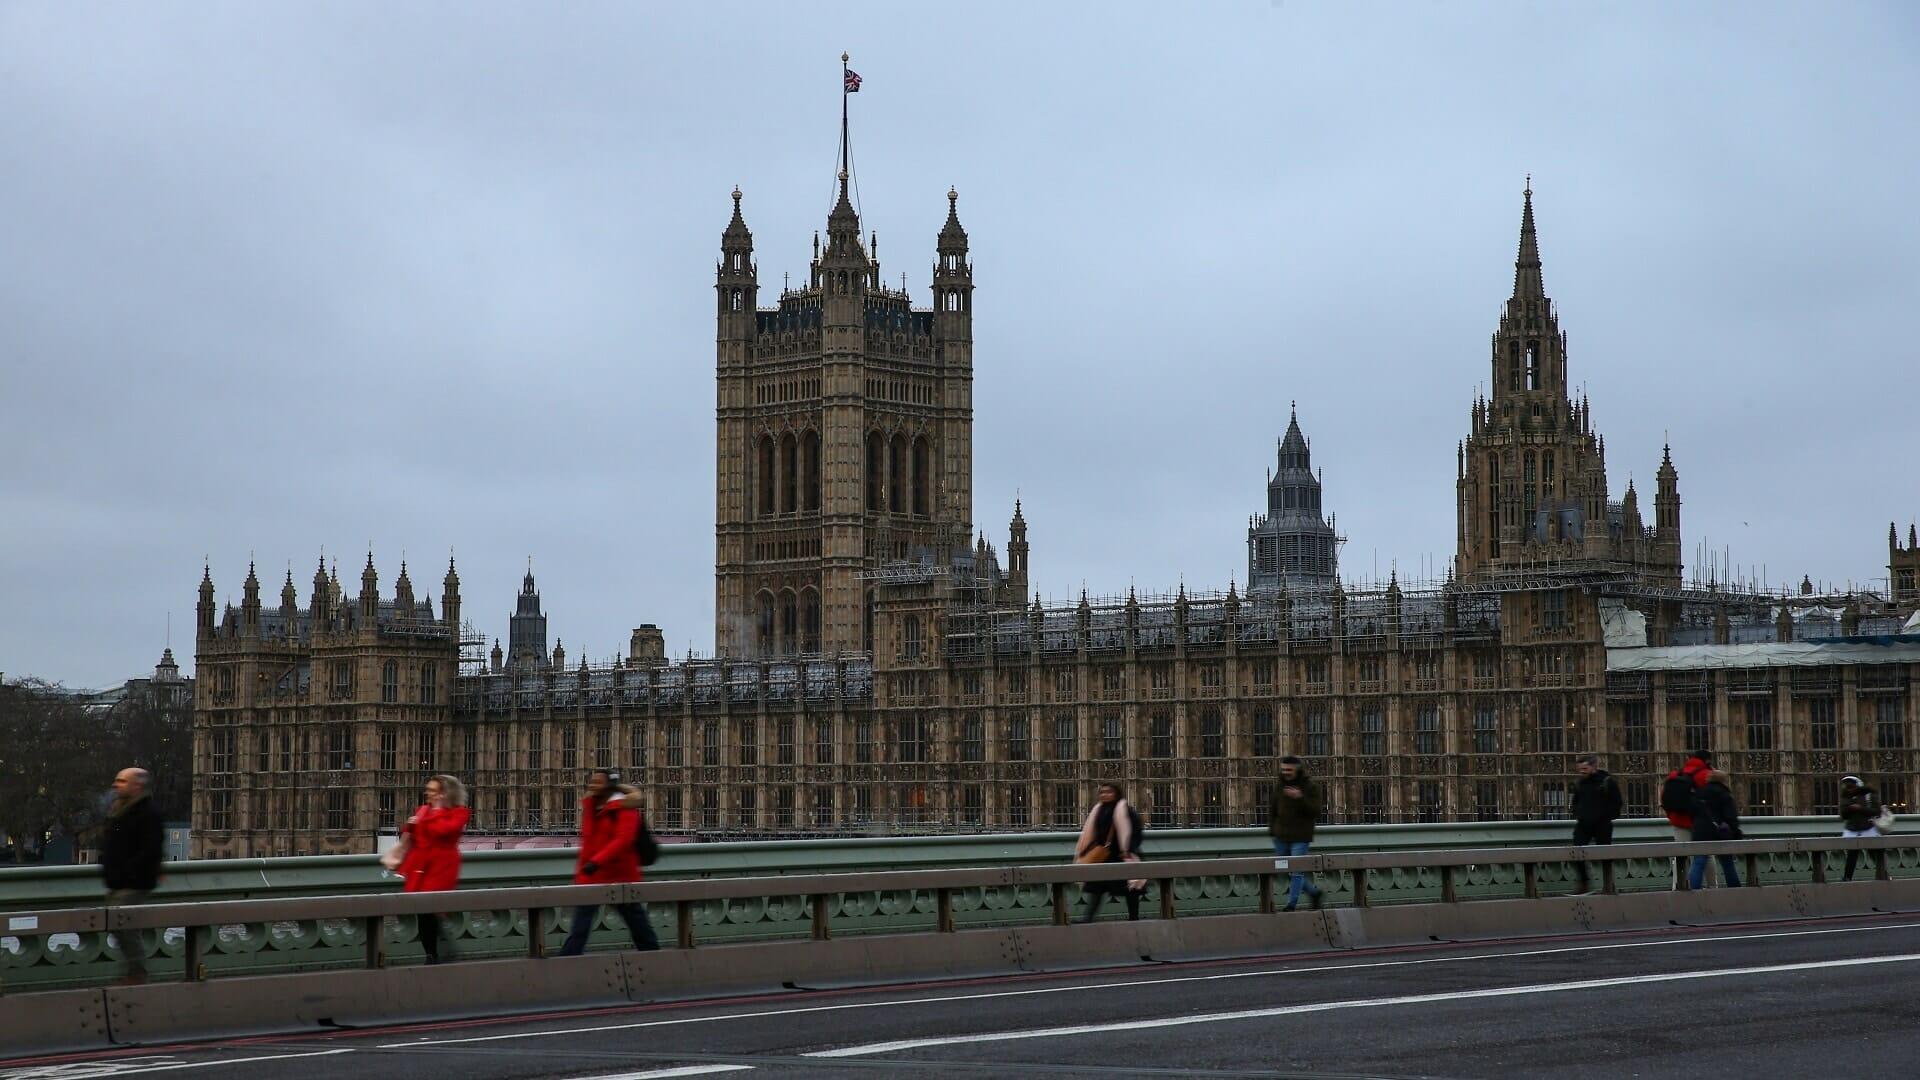 فيديو  عُراة يقتحمون البرلمان البريطاني ويقطعون جلسة للنواب!